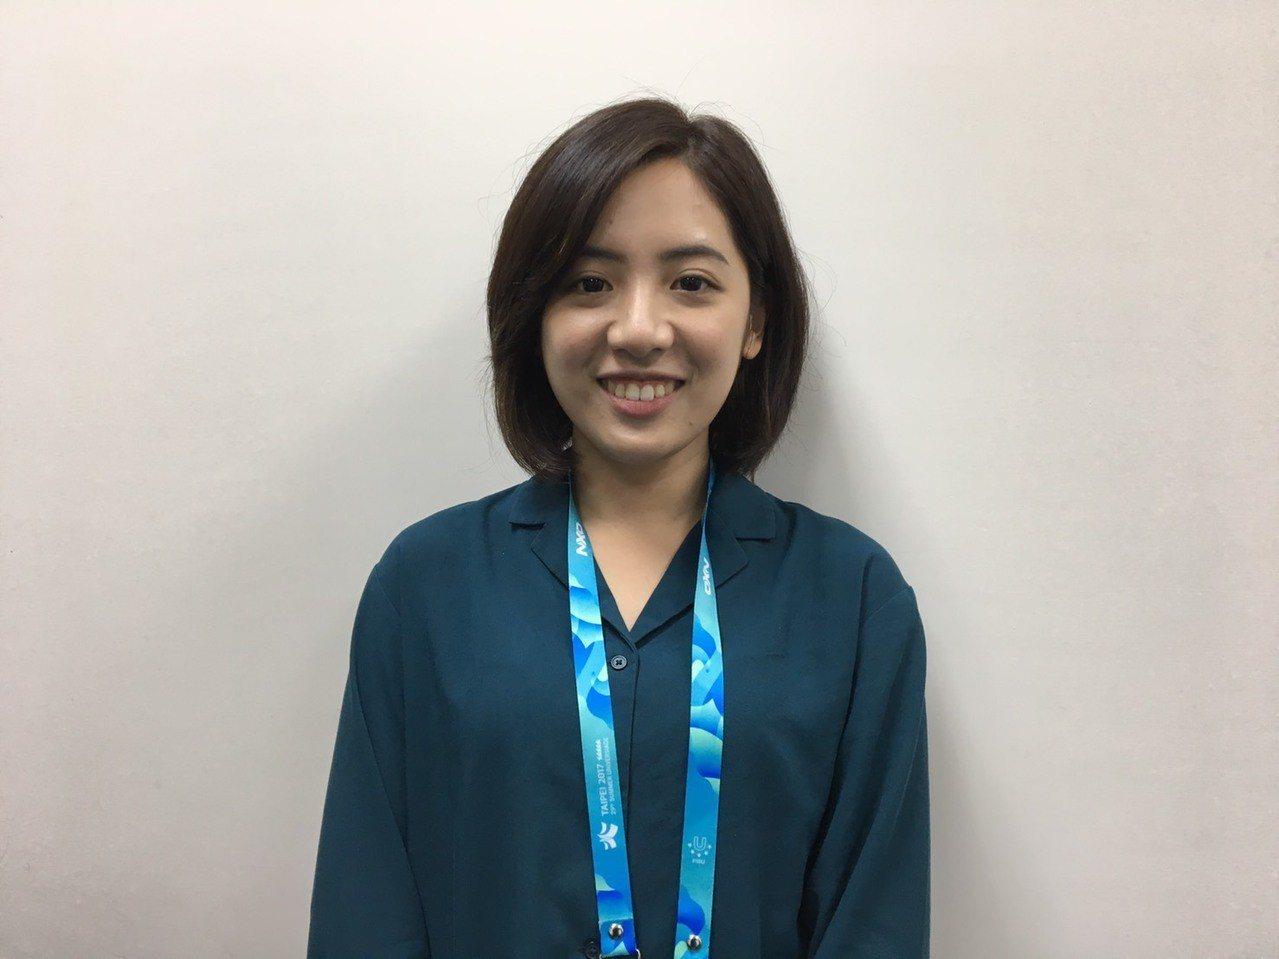 「學姊」黃瀞瑩在縣市長選舉後成為台北市政府副發言人。記者周佑政/攝影